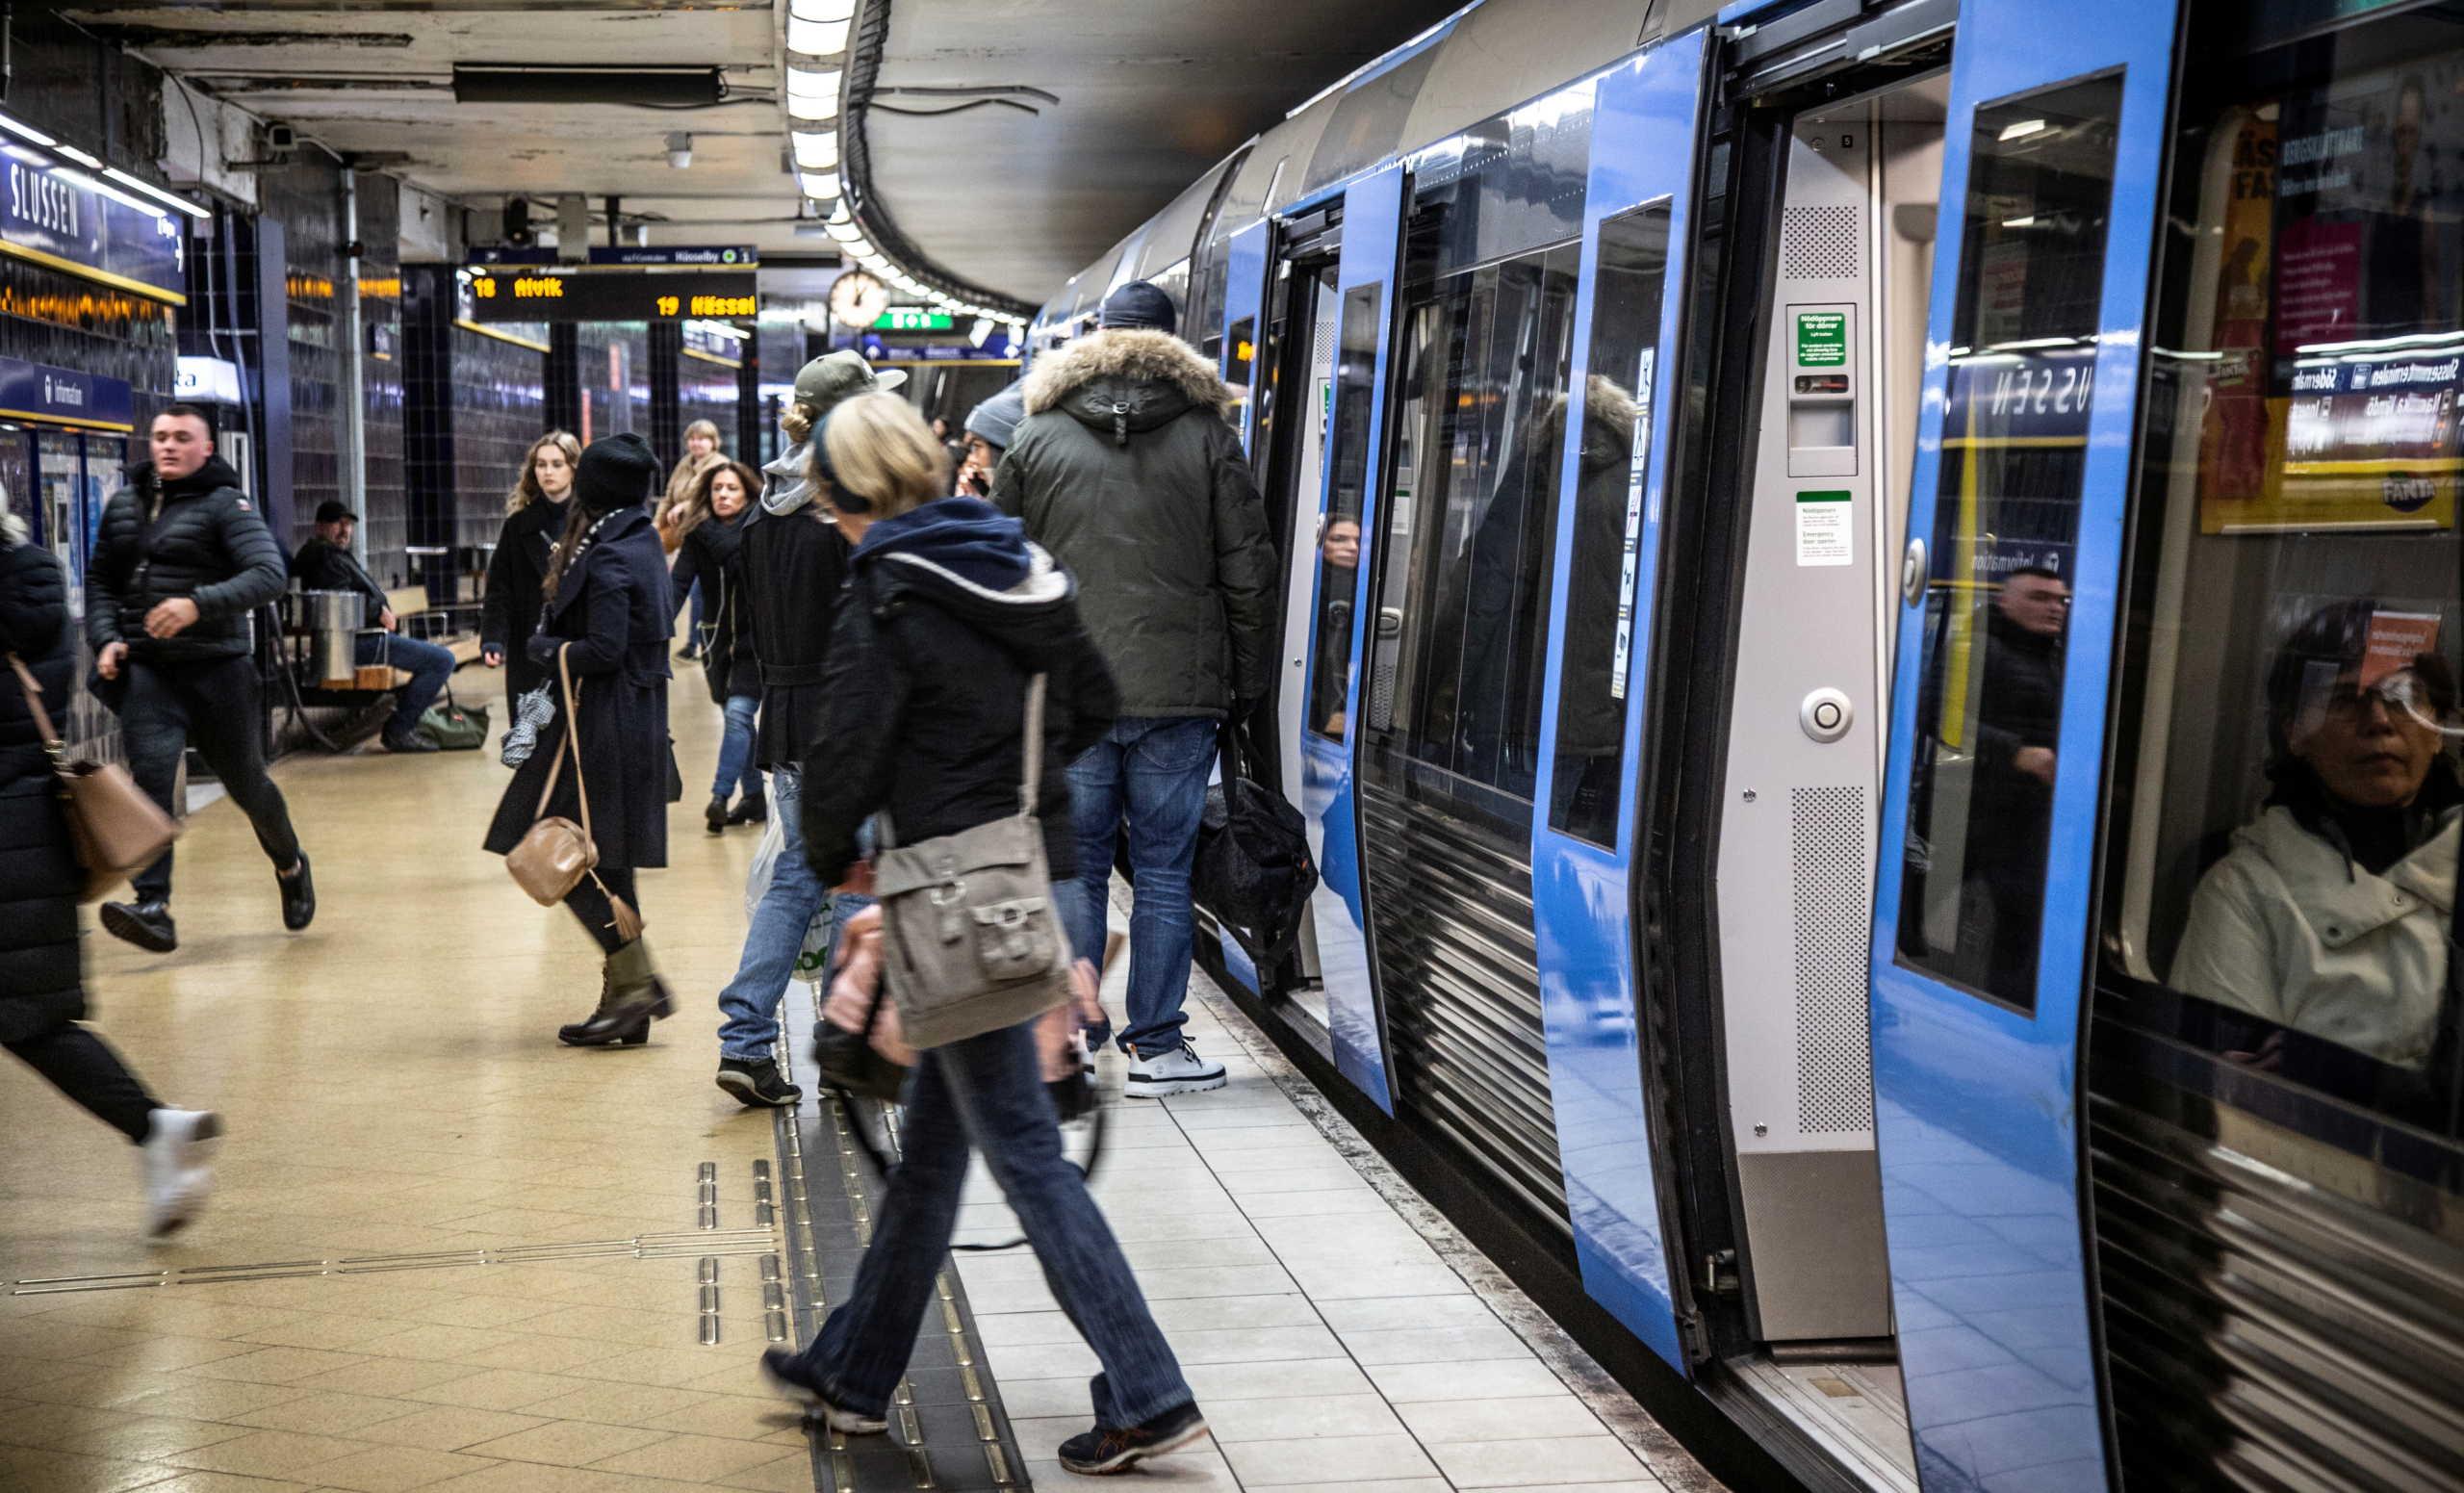 Κορονοϊός: Έπαθε και έμαθε η Σουηδία – Περιορίζει τις συναθροίσεις στα 8 άτομα